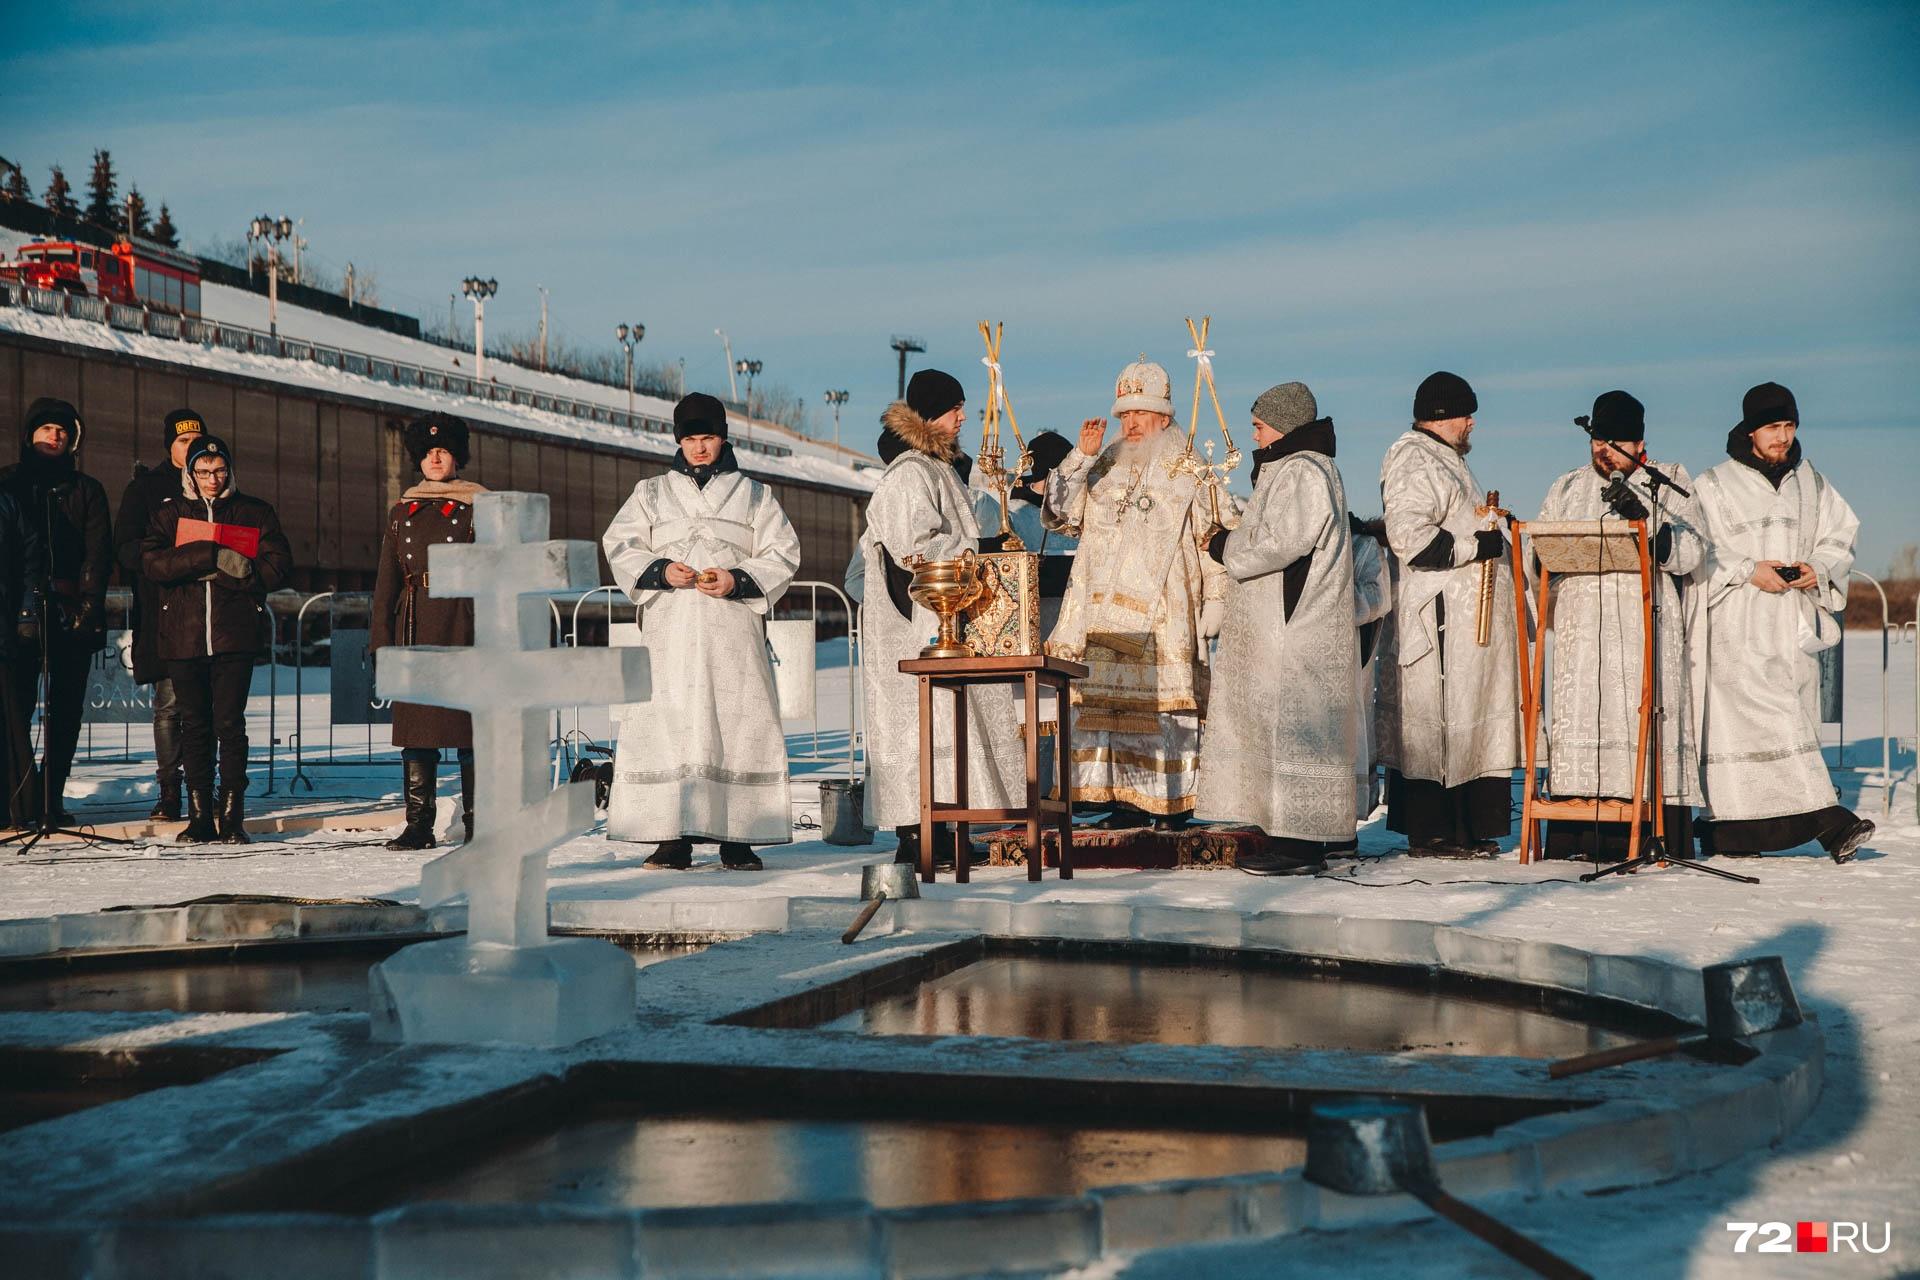 С погодой тюменцам вканун Богоявления весьма повезло — на улице днём было в районе 12–15 градусов ниже нуля и очень ярко светило солнце